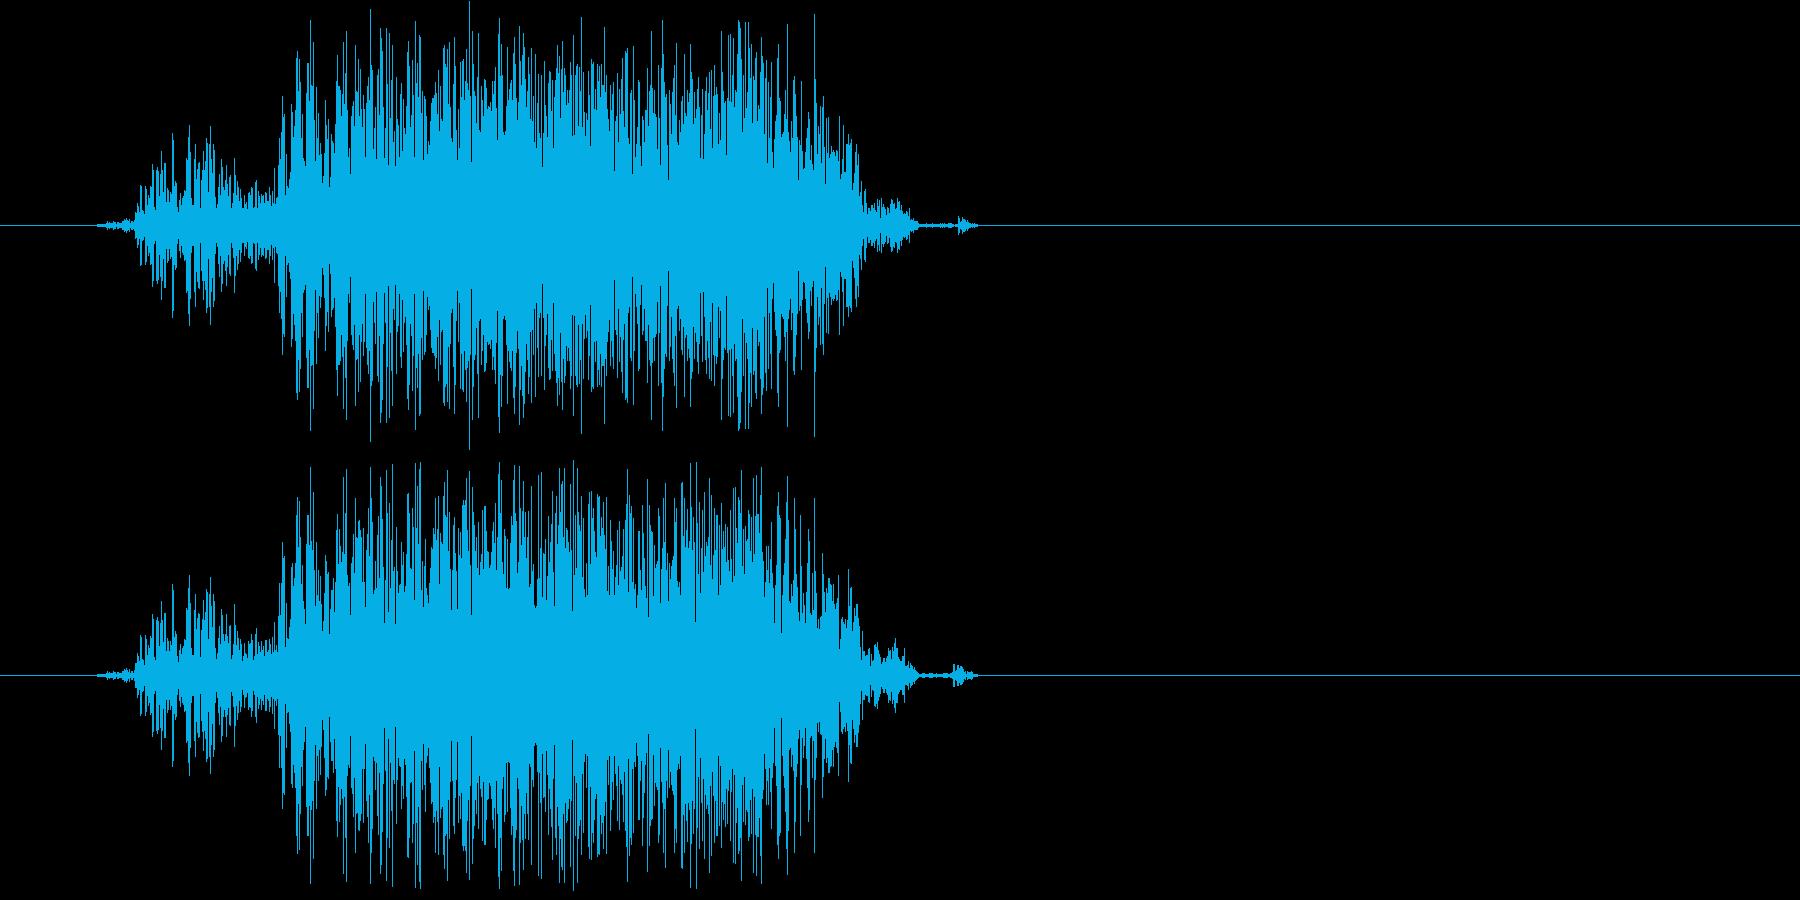 グゥアーー(猛獣、化け物の声)の再生済みの波形